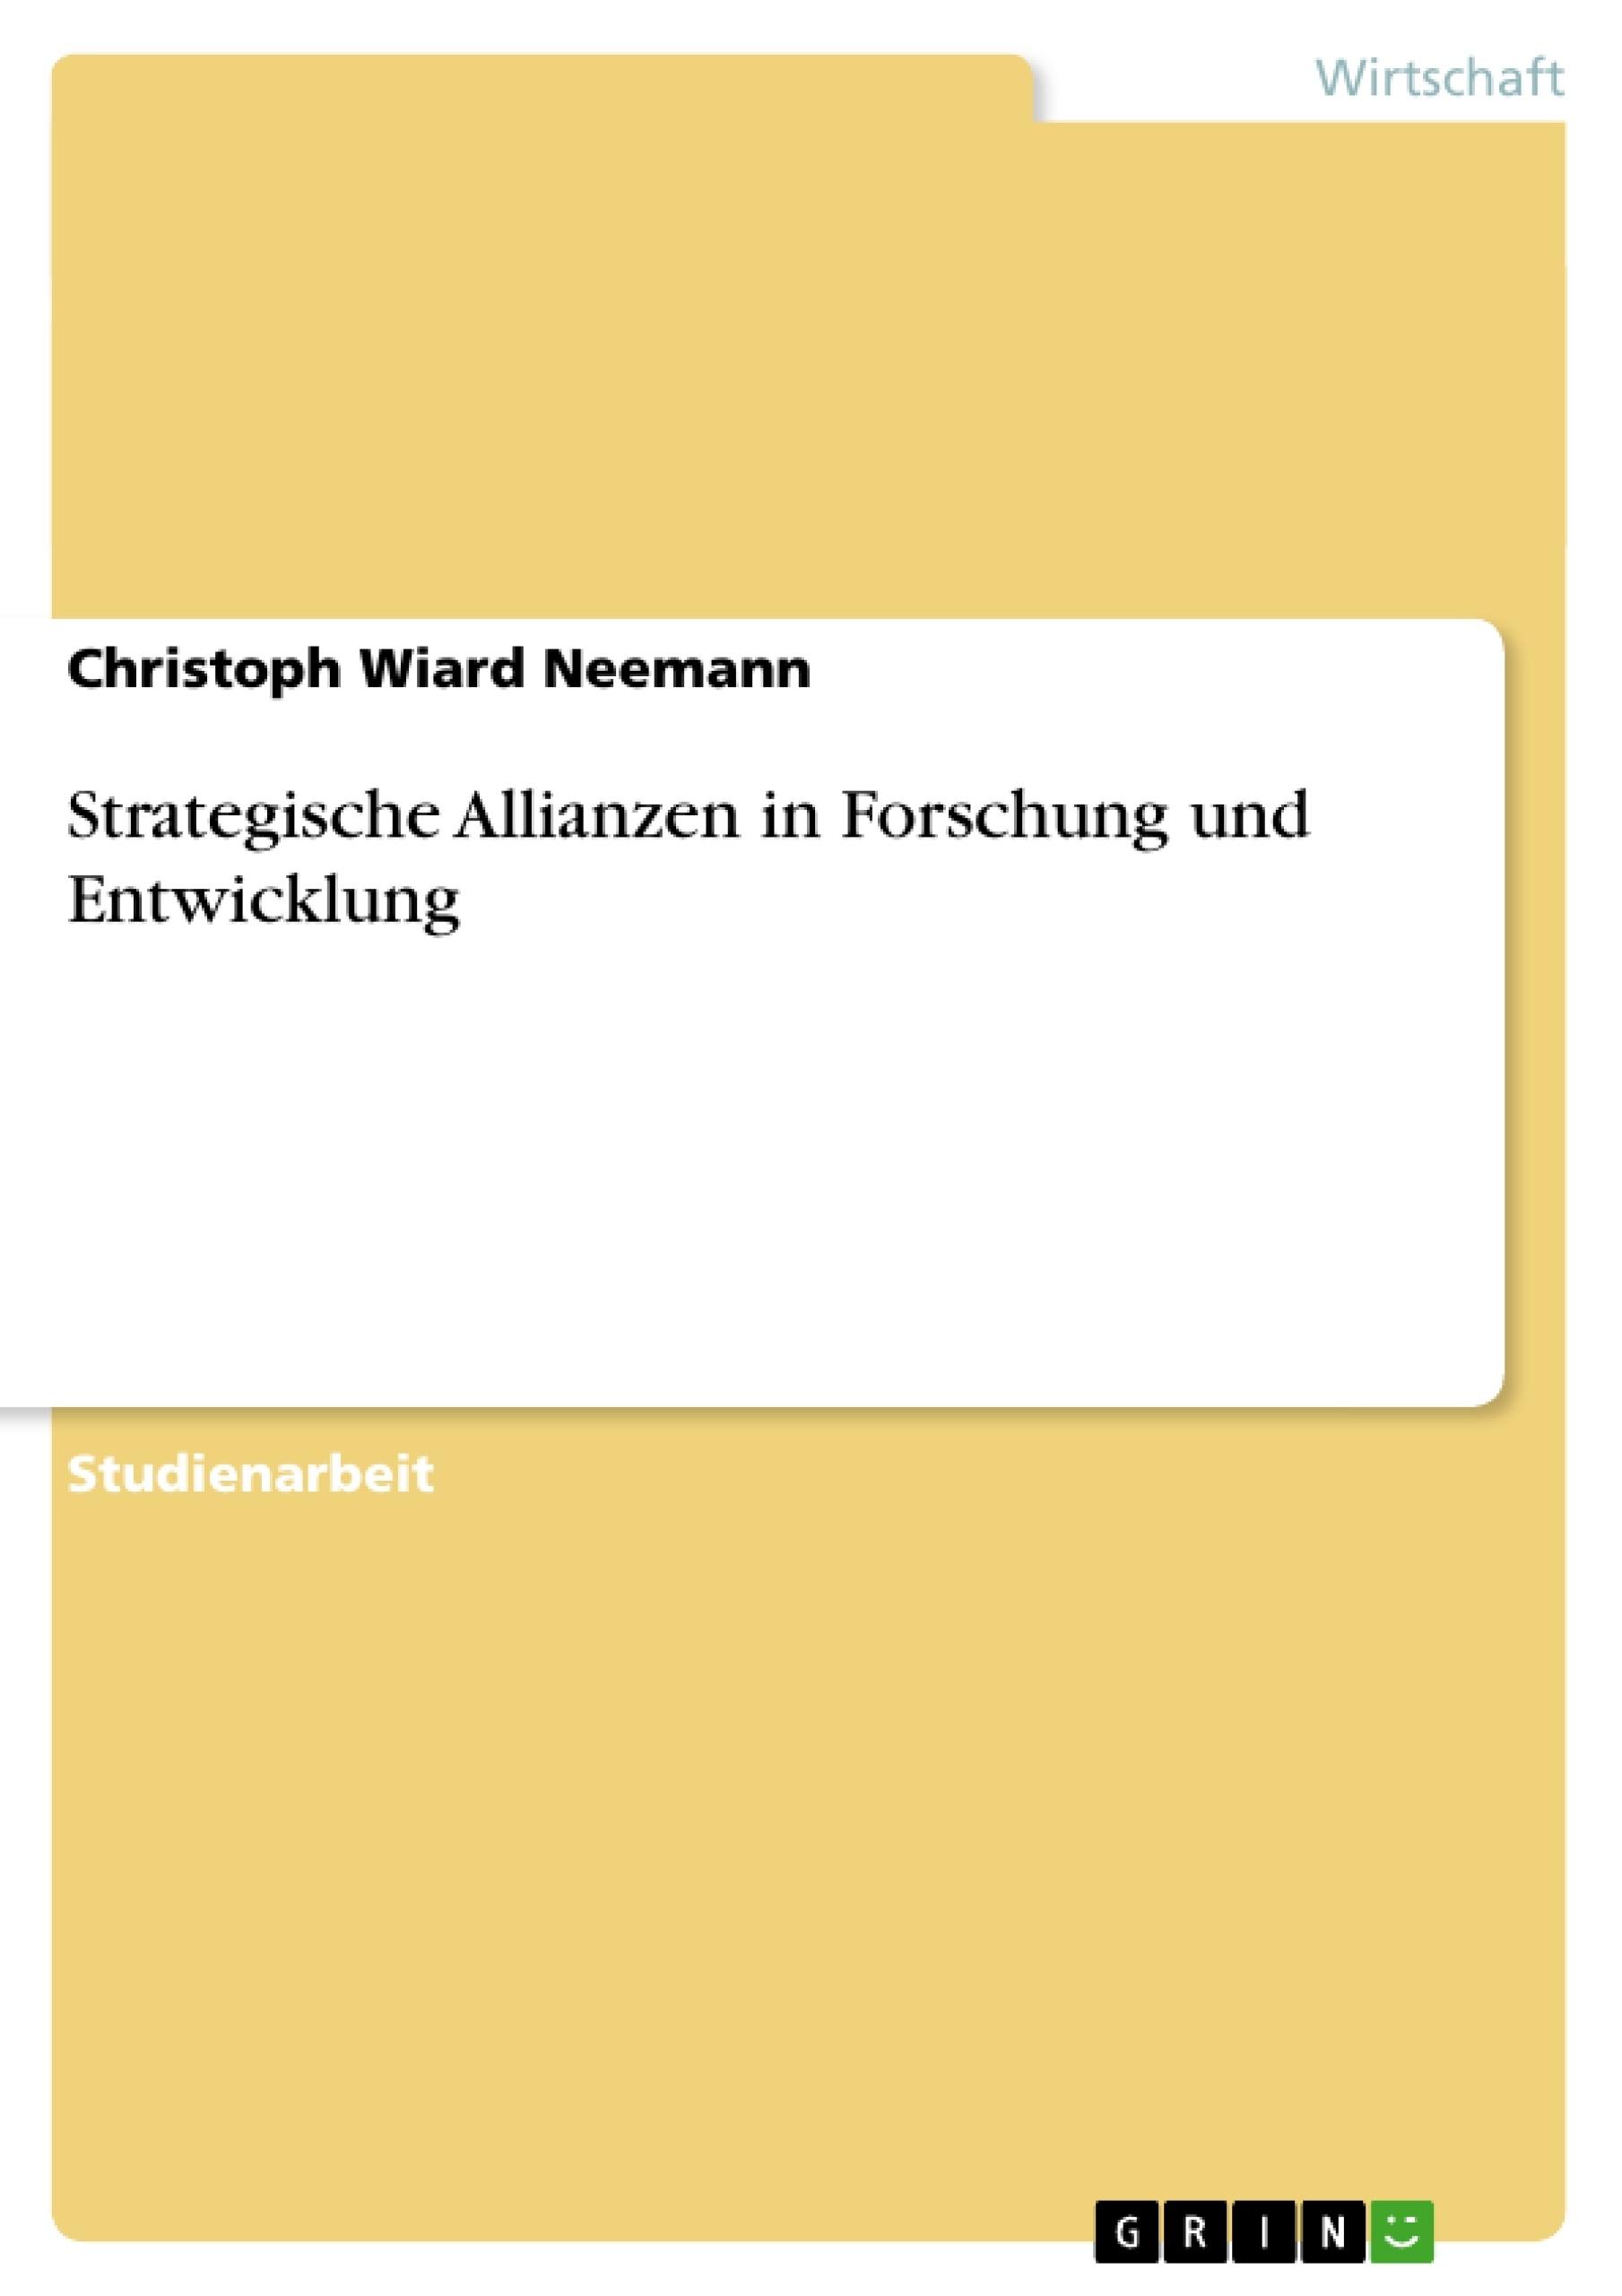 Titel: Strategische Allianzen in Forschung und Entwicklung